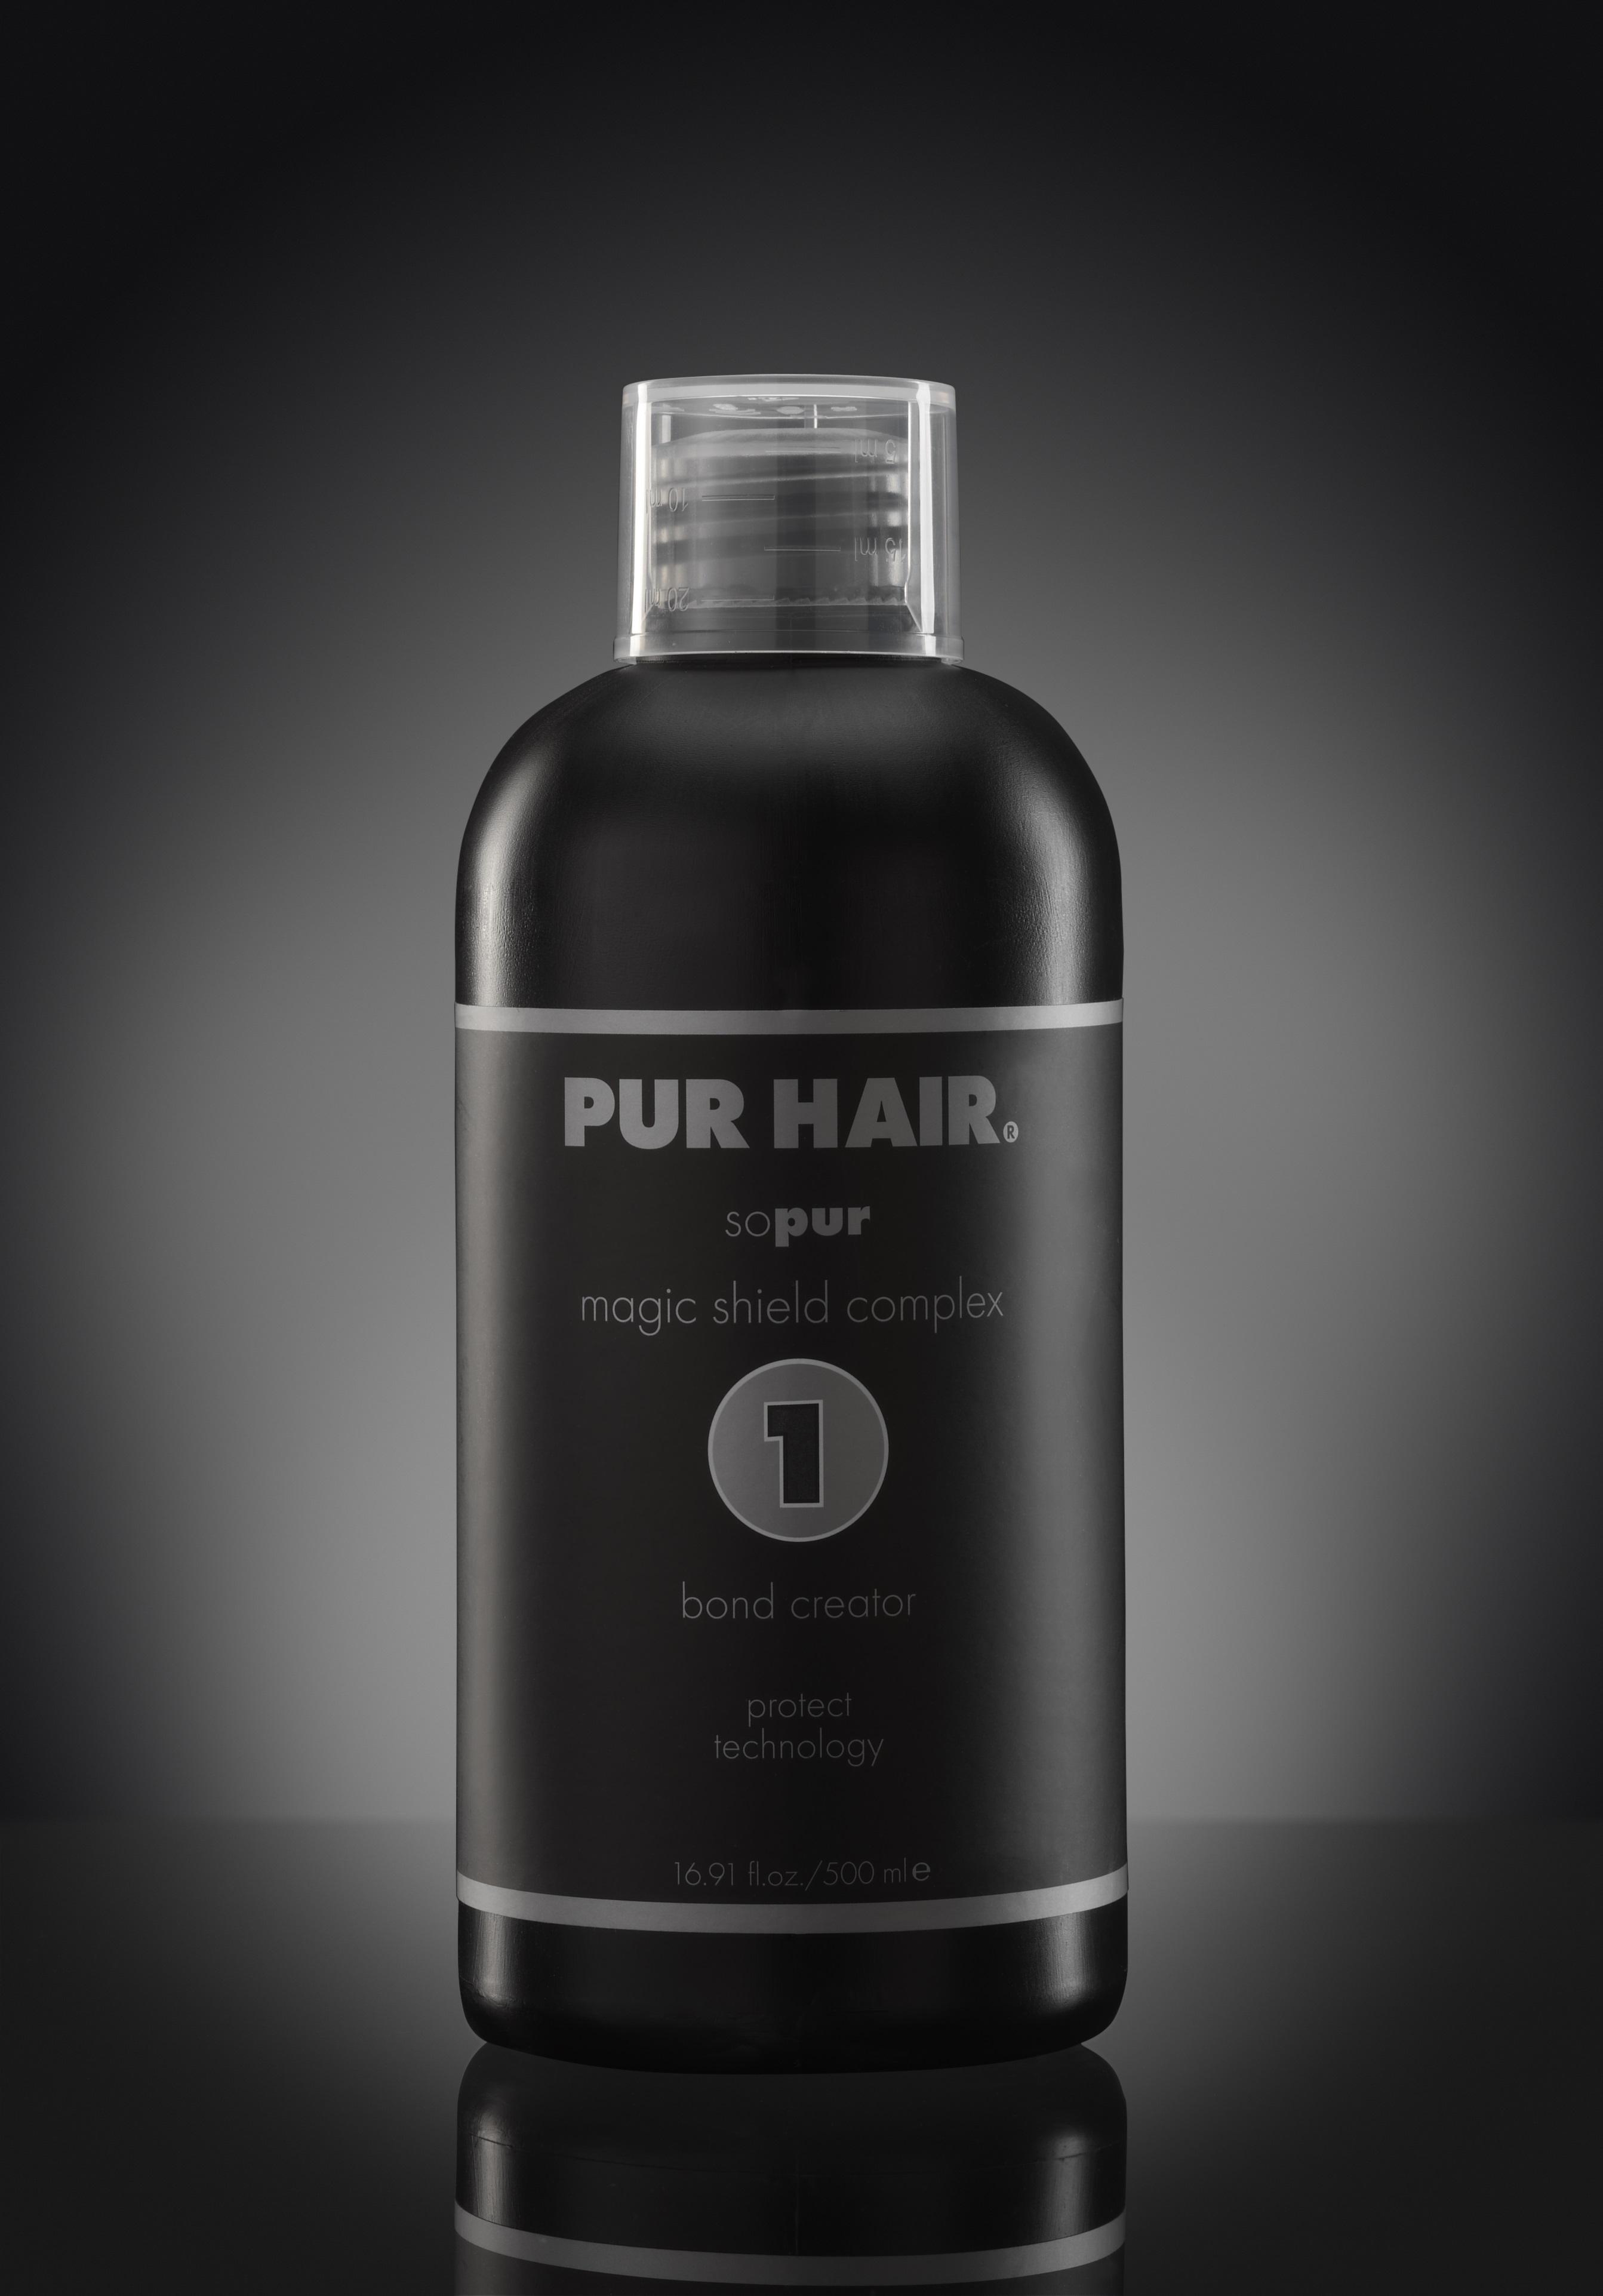 PUR HAIR sopur magic shield complex, 1 Bond Creator 500 ml